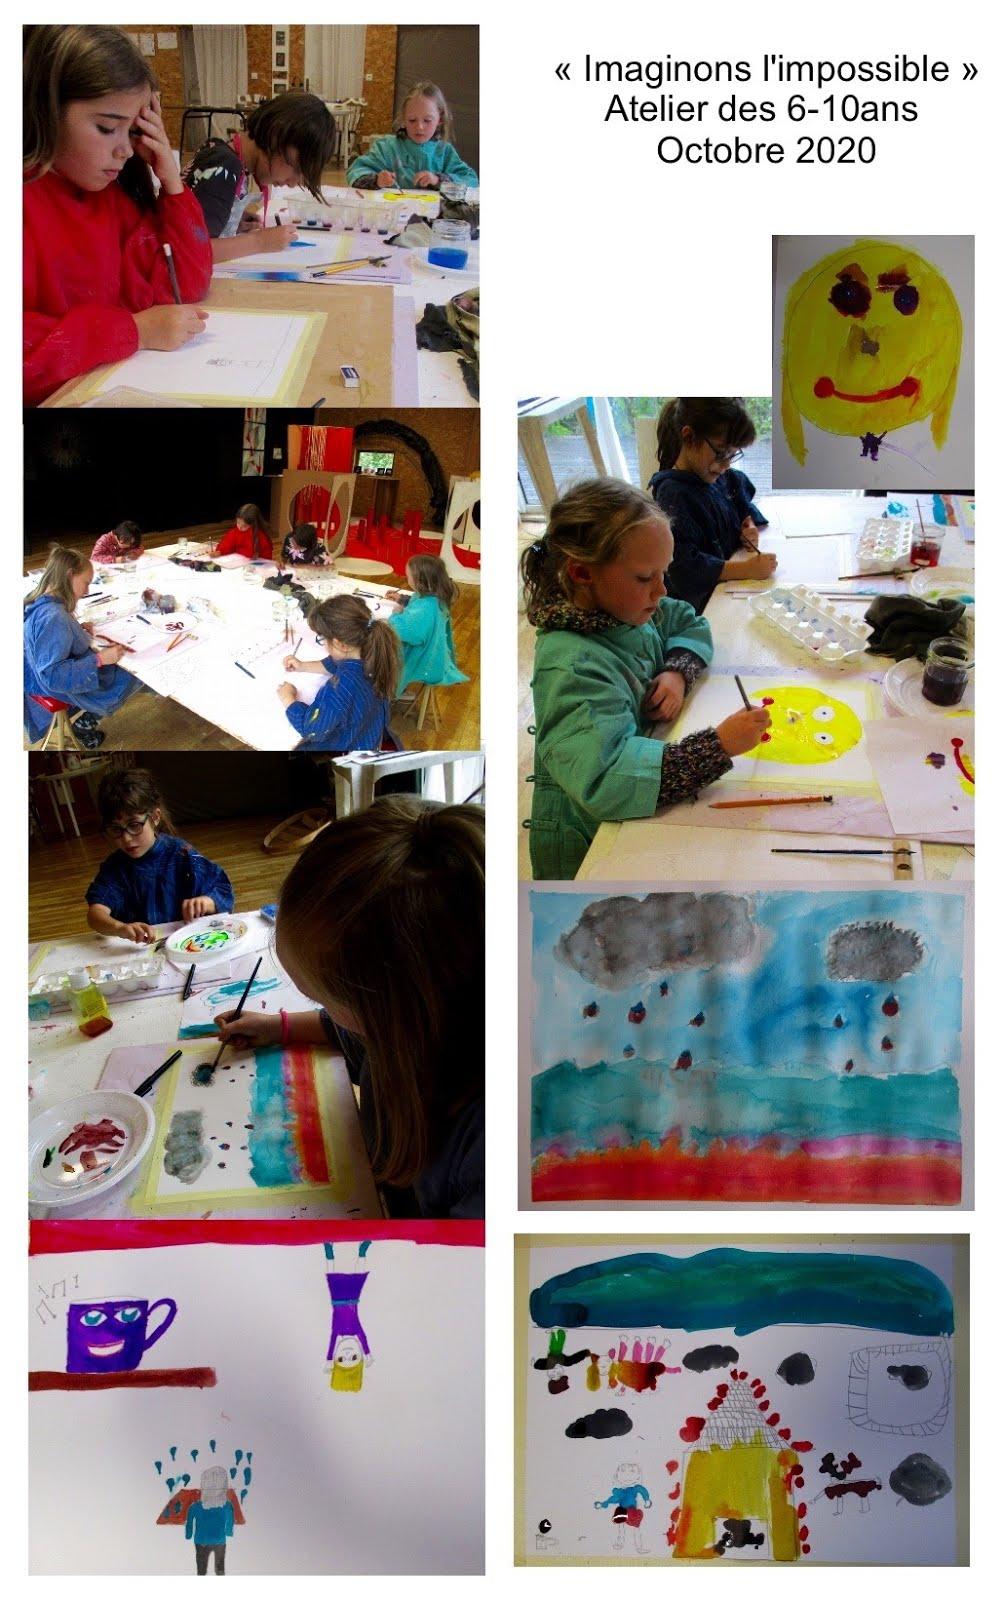 at arts plastiques oct 20 enfants